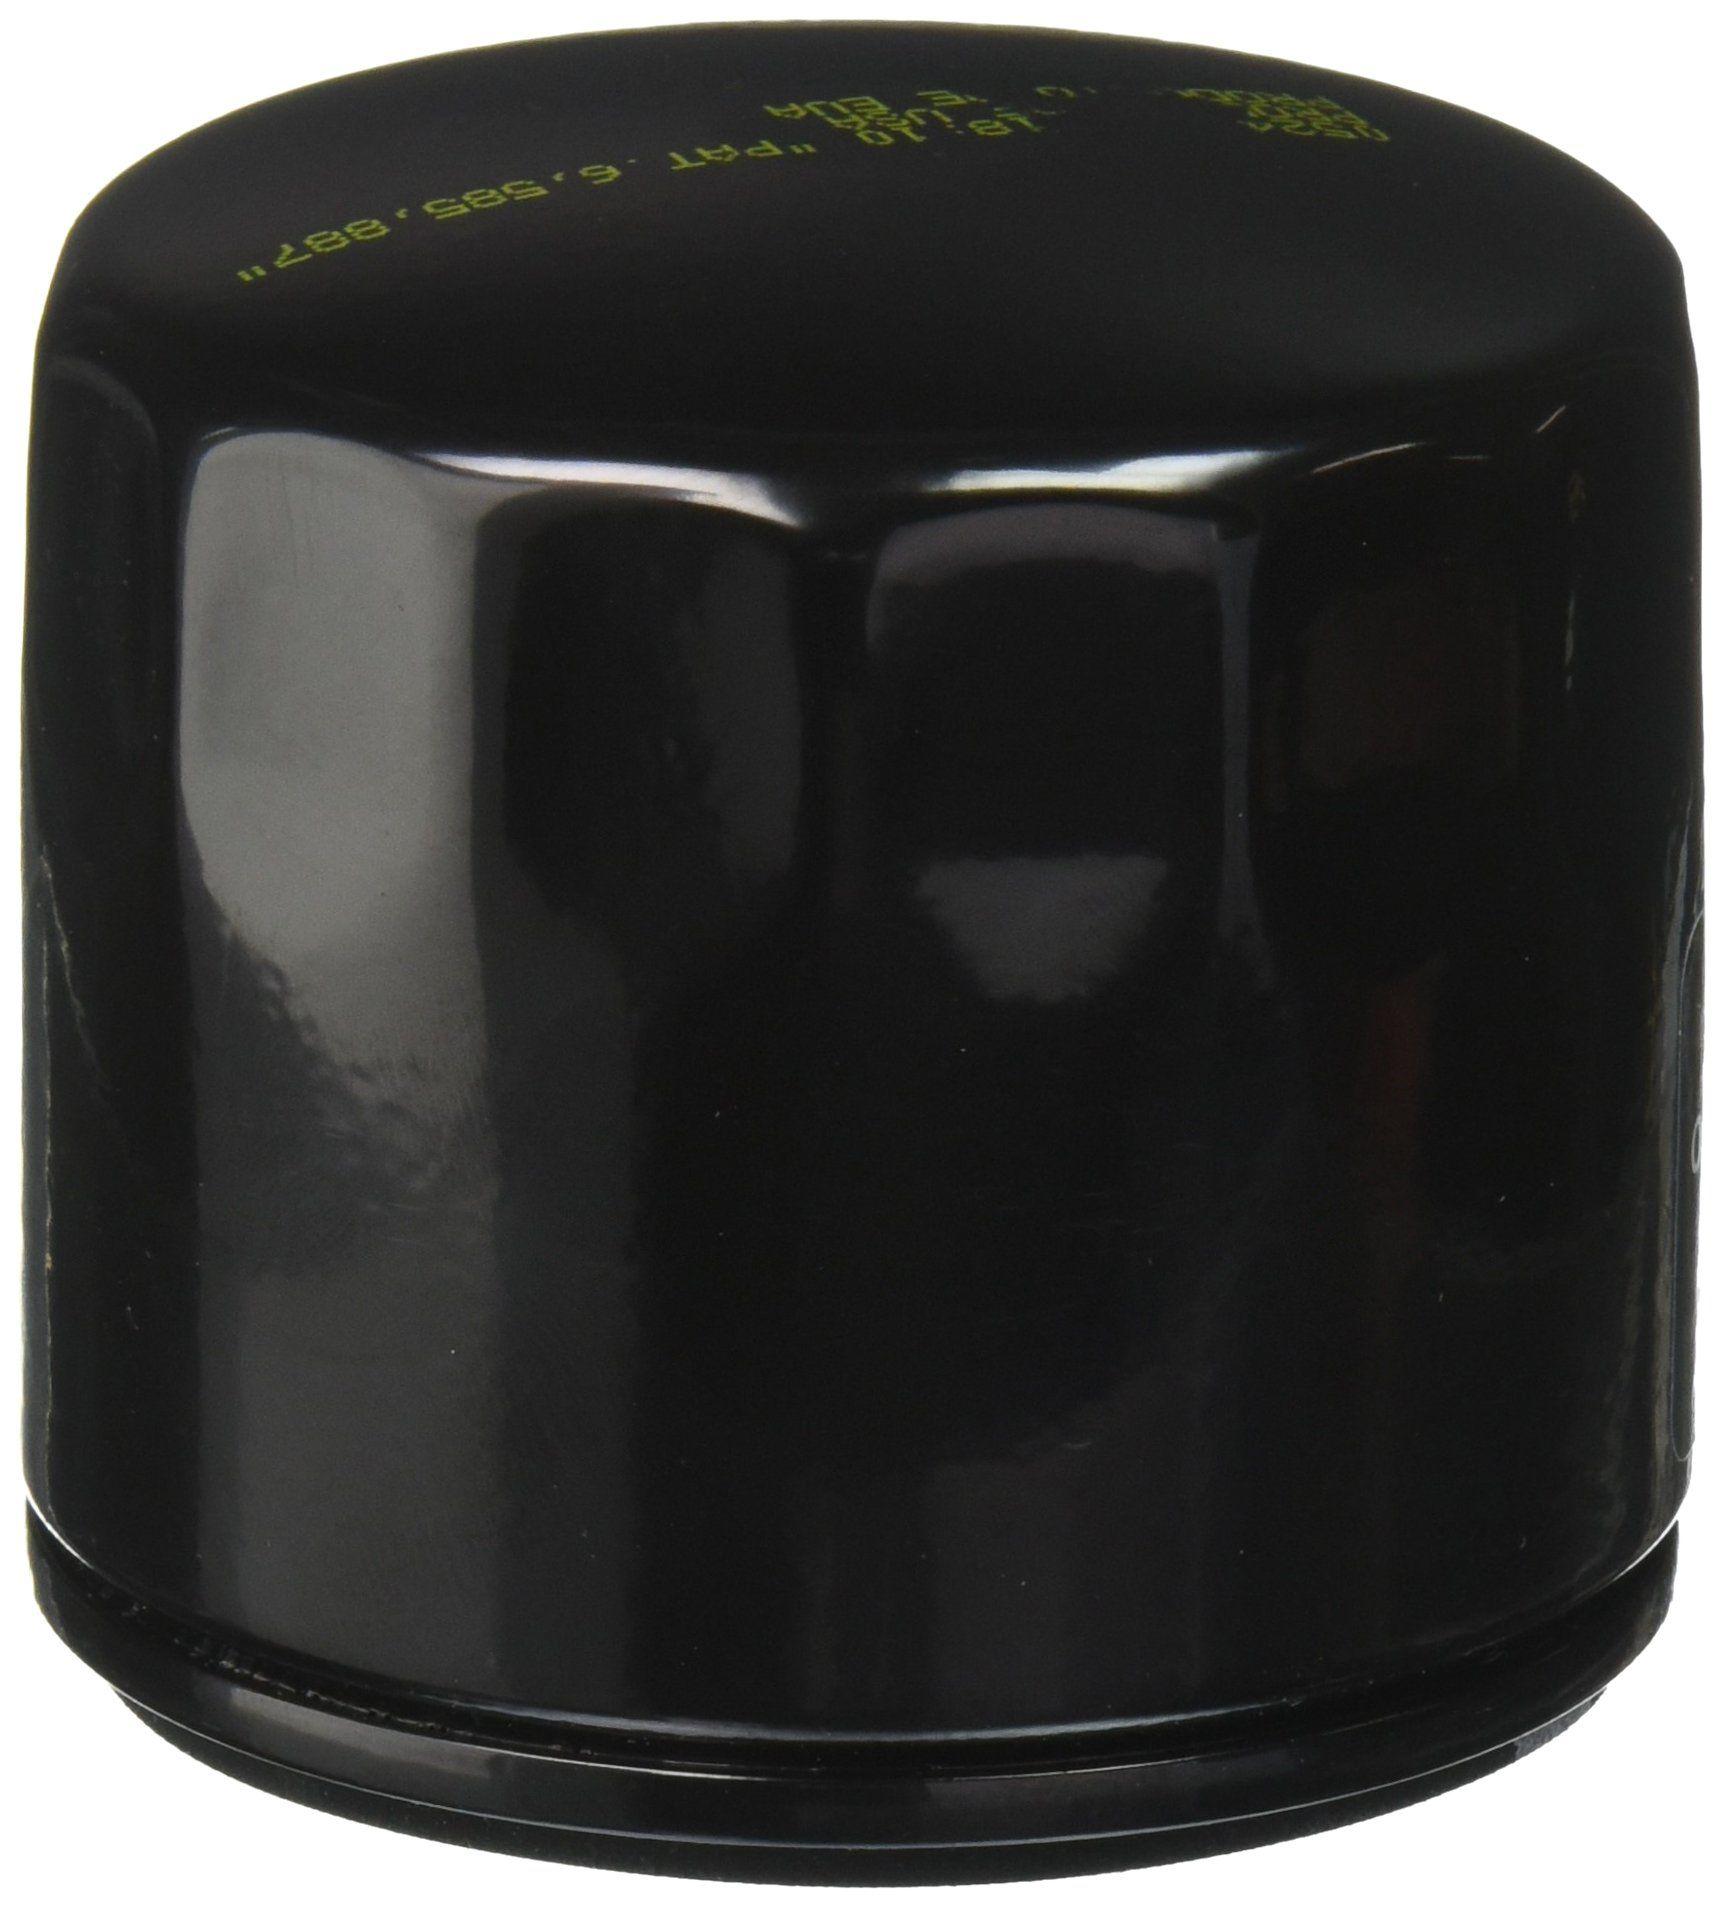 Stens 120 513 Kohler 12 050 01 S Oil Filter Shop Pack Of Fuel